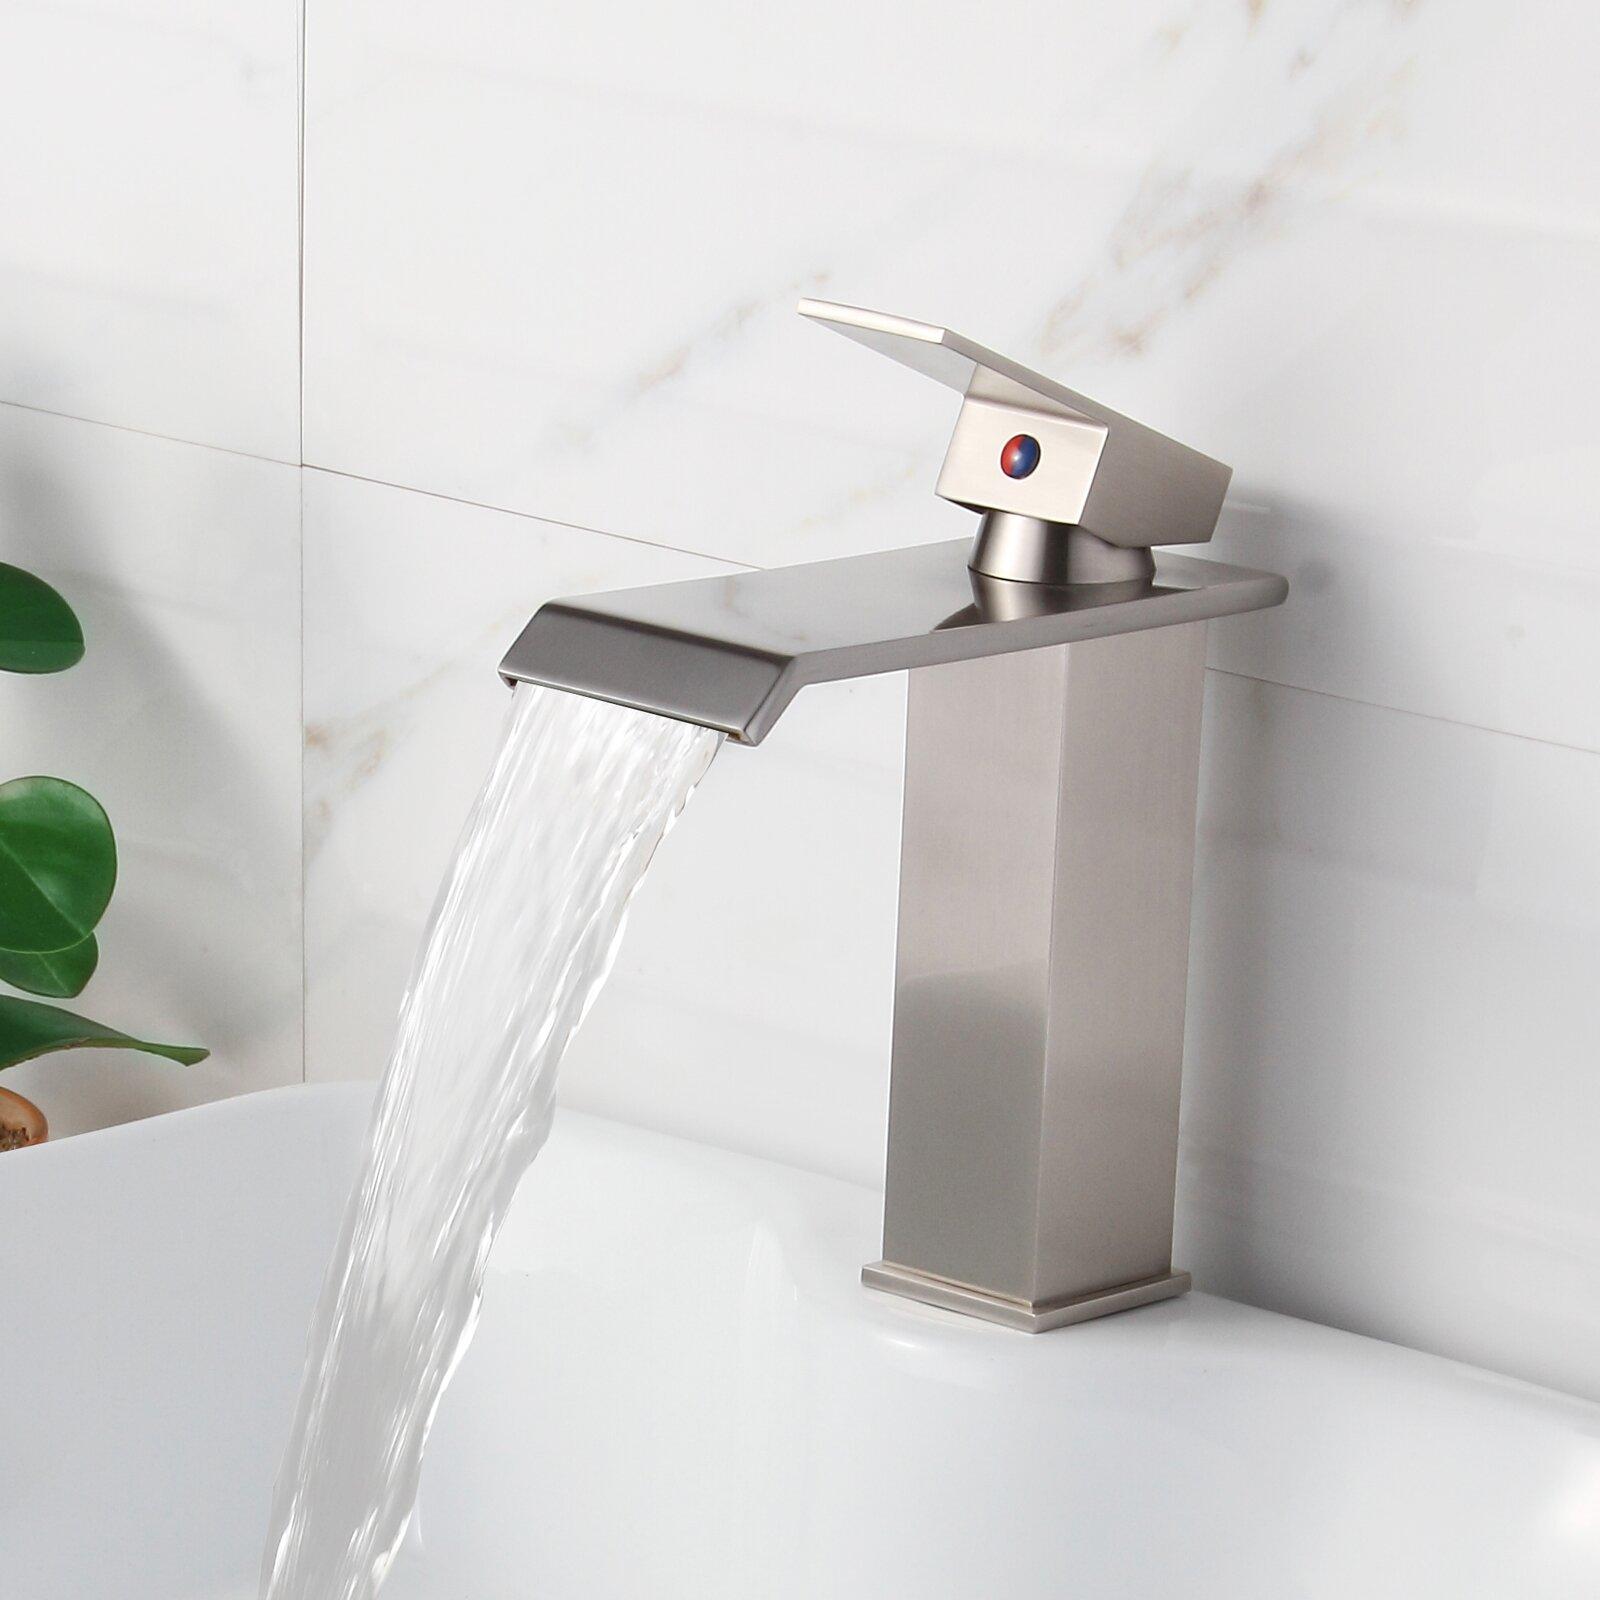 Single Handle Waterfall Bathroom Faucet : Elite Single Handle Bathroom Waterfall Faucet & Reviews Wayfair